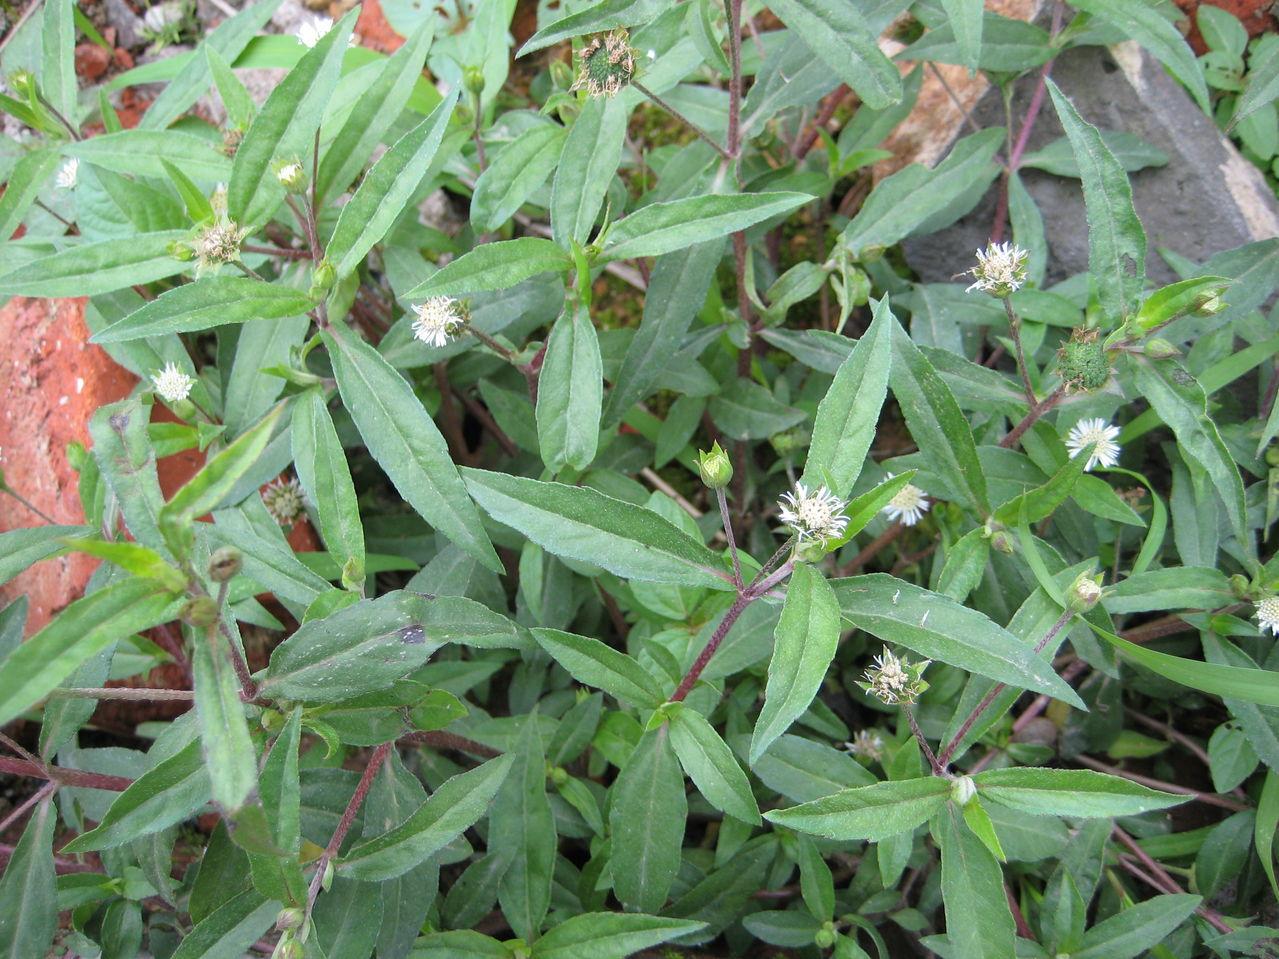 请问这种草叫什么植物